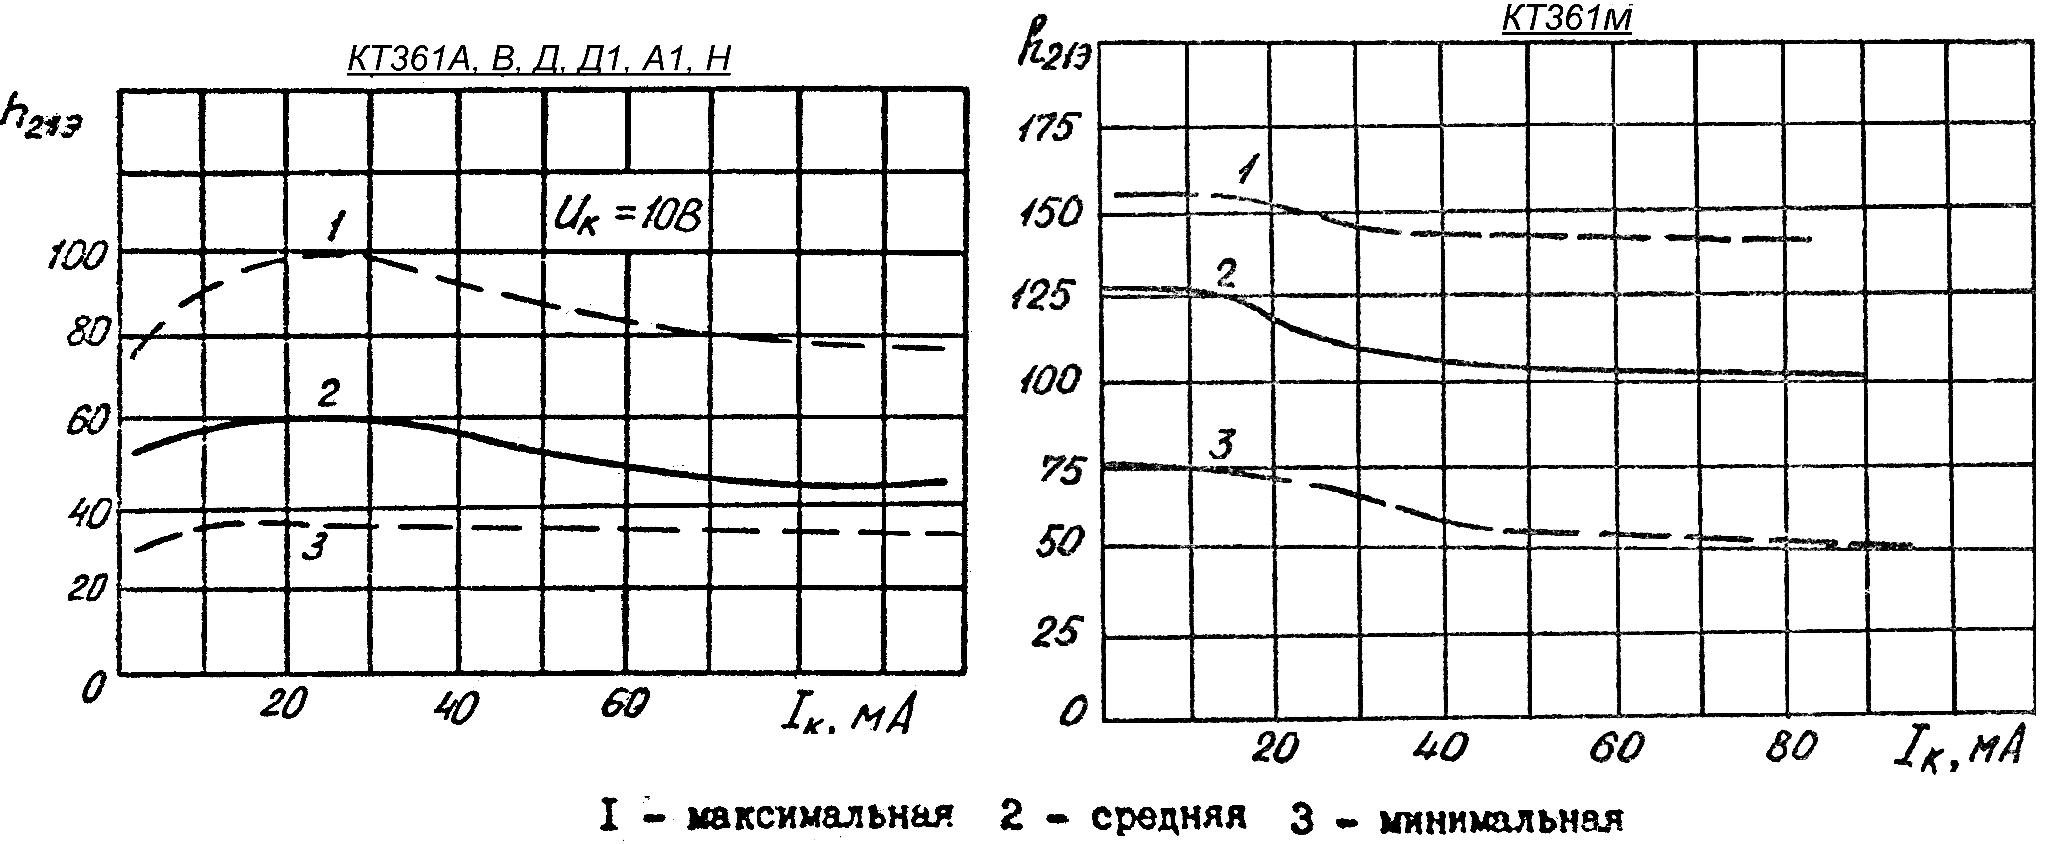 Зависимость статического коэффициента передачи тока в режиме большого сигнала с границами 95% разброса для транзисторов КТ361А, КТ361В, КТ361Д, КТ361Д1, КТ361А1, КТ361Н и КТ361М